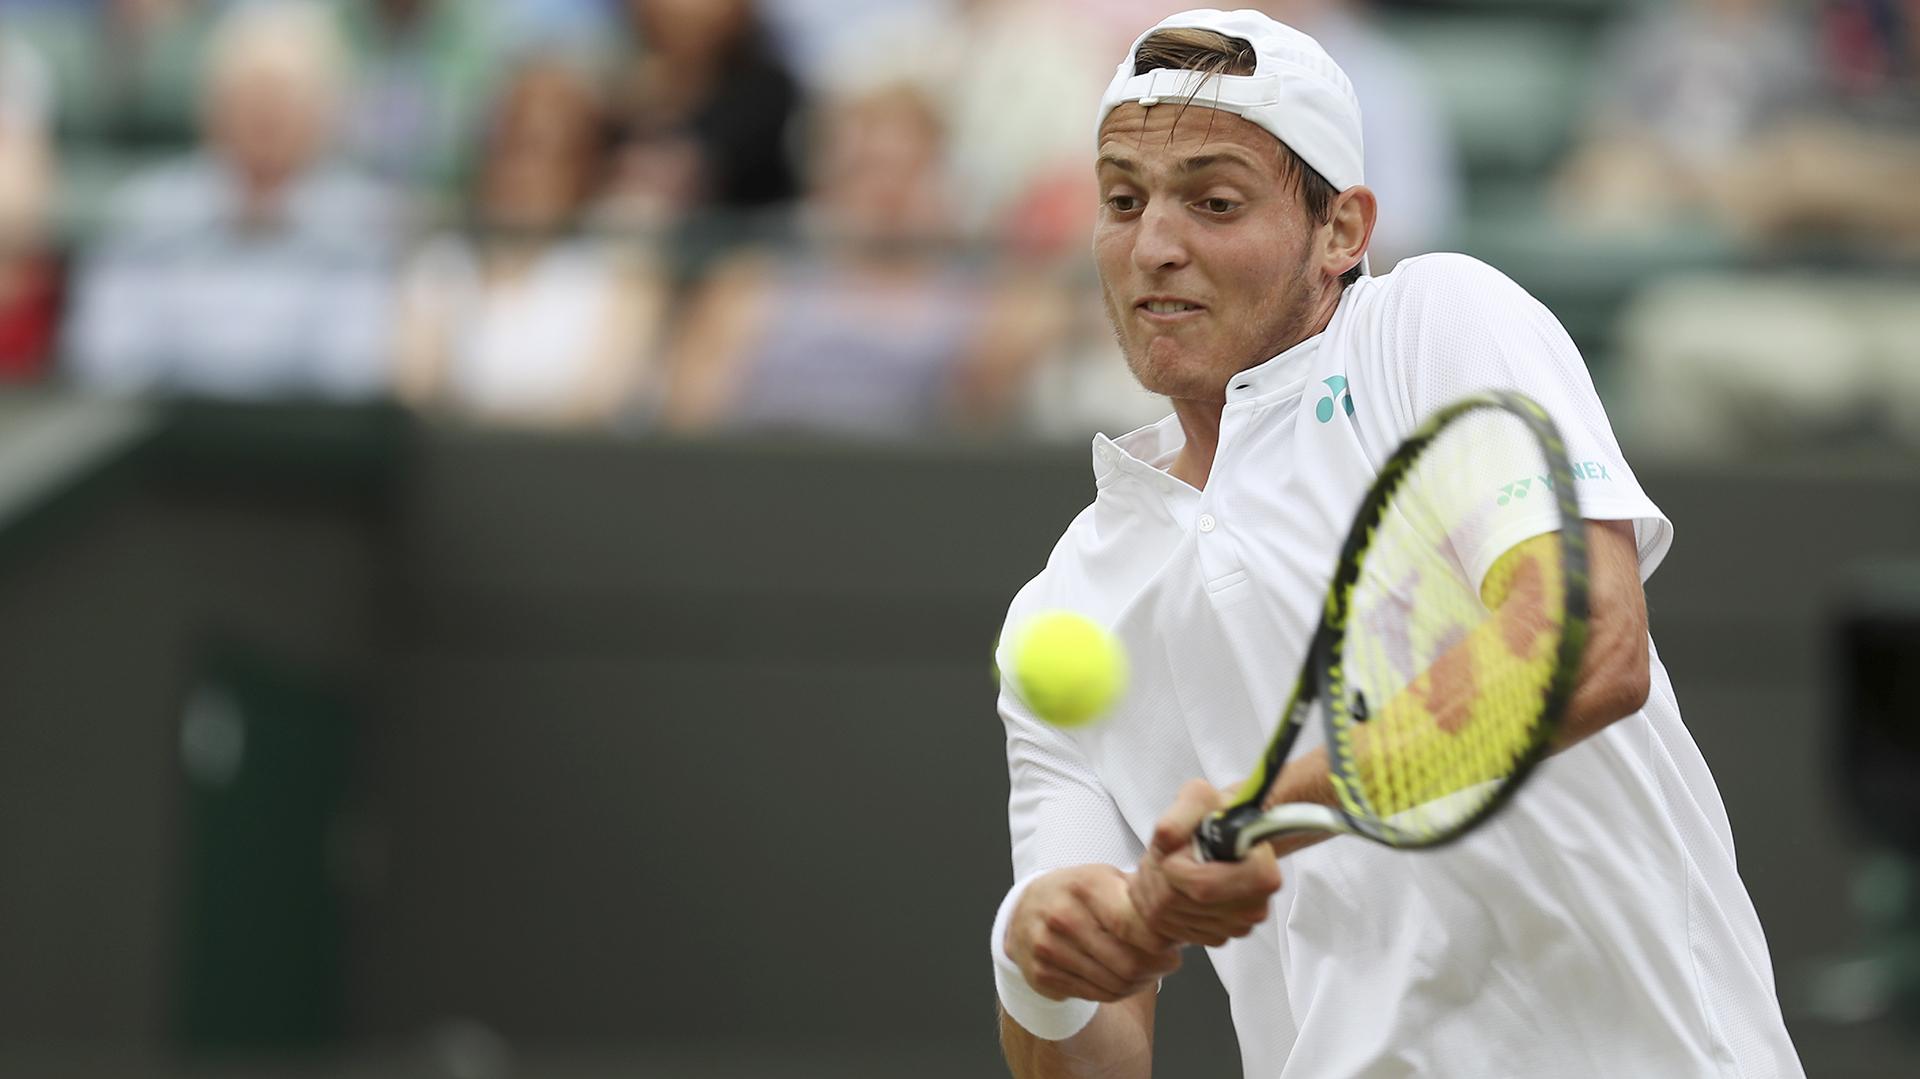 Axel Geller hizo un gran torneo pero los dolores le jugaron una mala pasada en la final del singles; después ganó el dobles